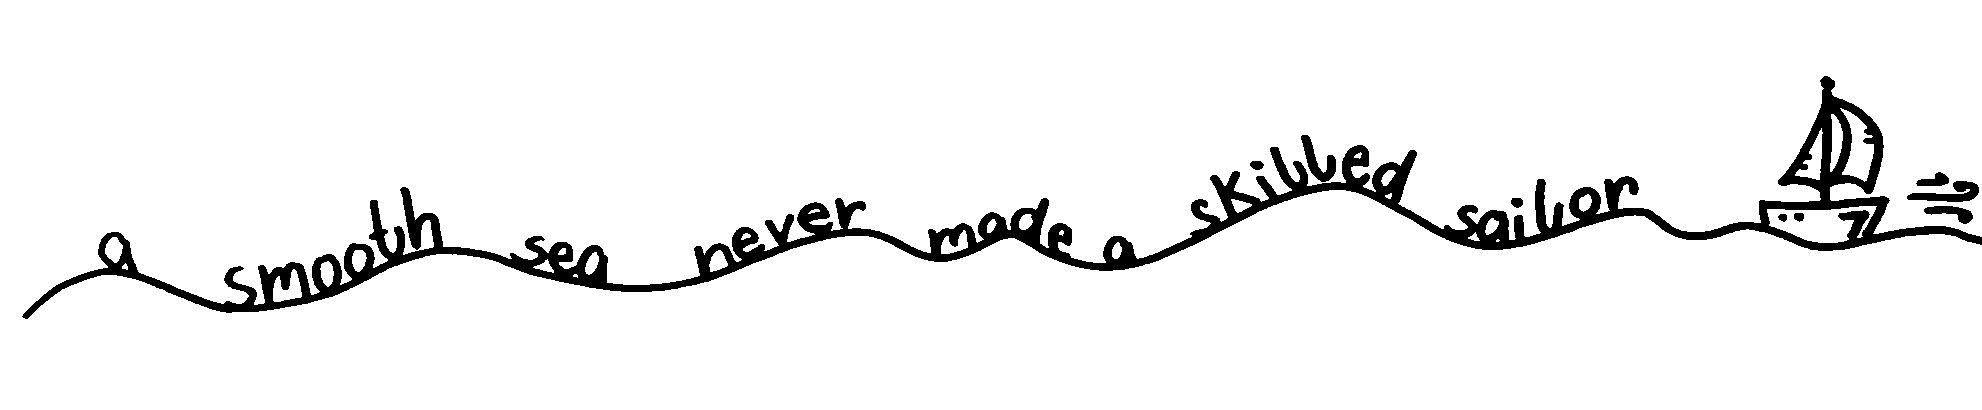 """Für Lettering Anfänger geeigneter Motivationsspruch mit Fineliner auf Wellenlinie mit kleinem Segelboot """"A smmoth sea never made a skilled sailor."""""""